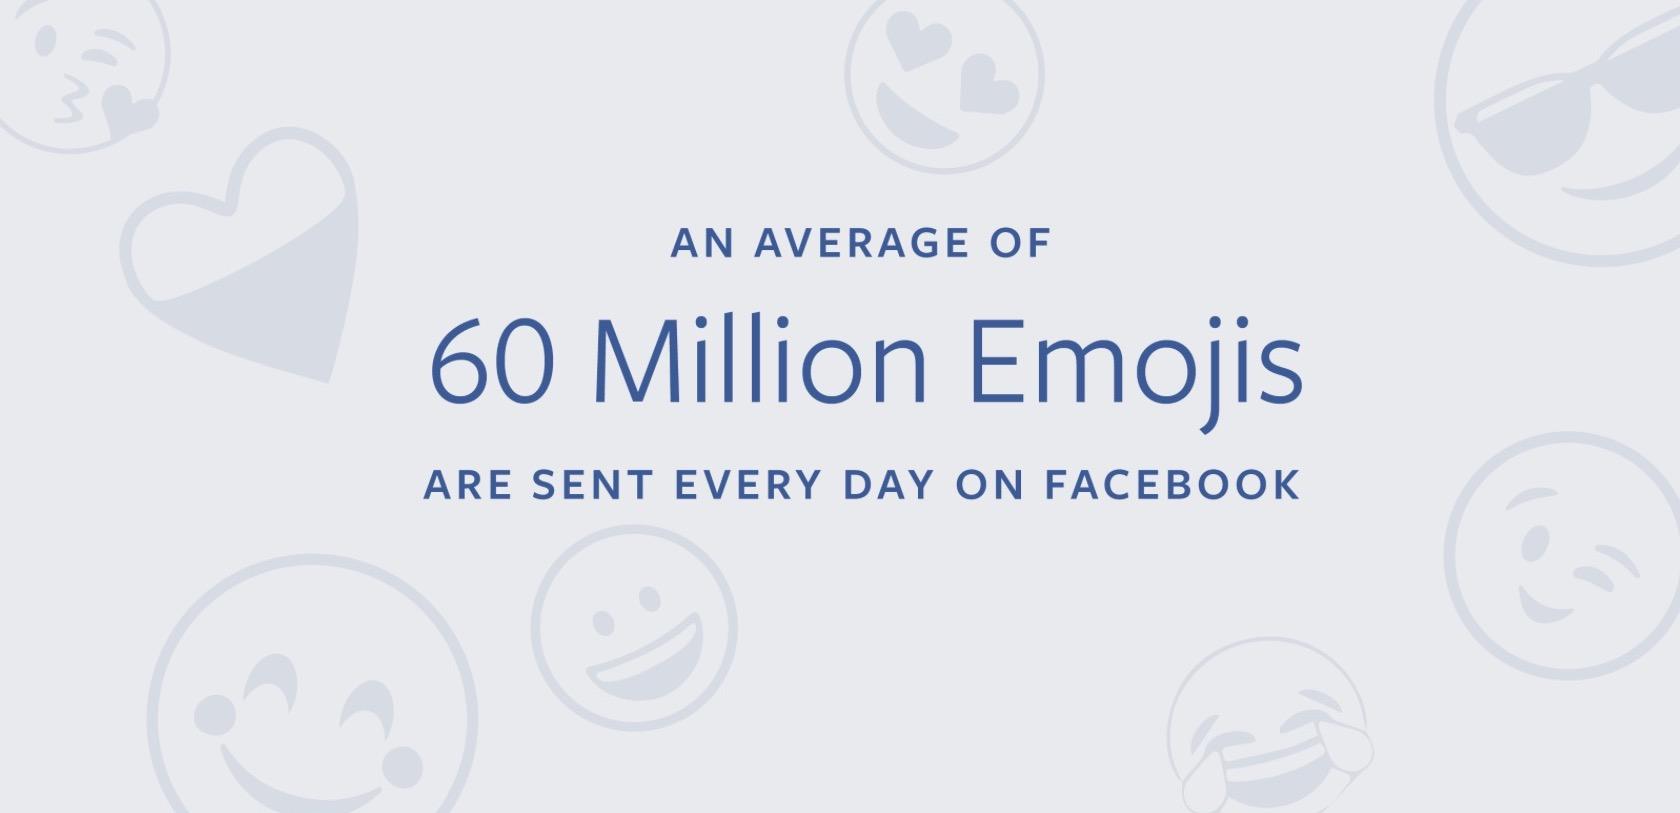 dzień emoji - jak korzystamy z emoji